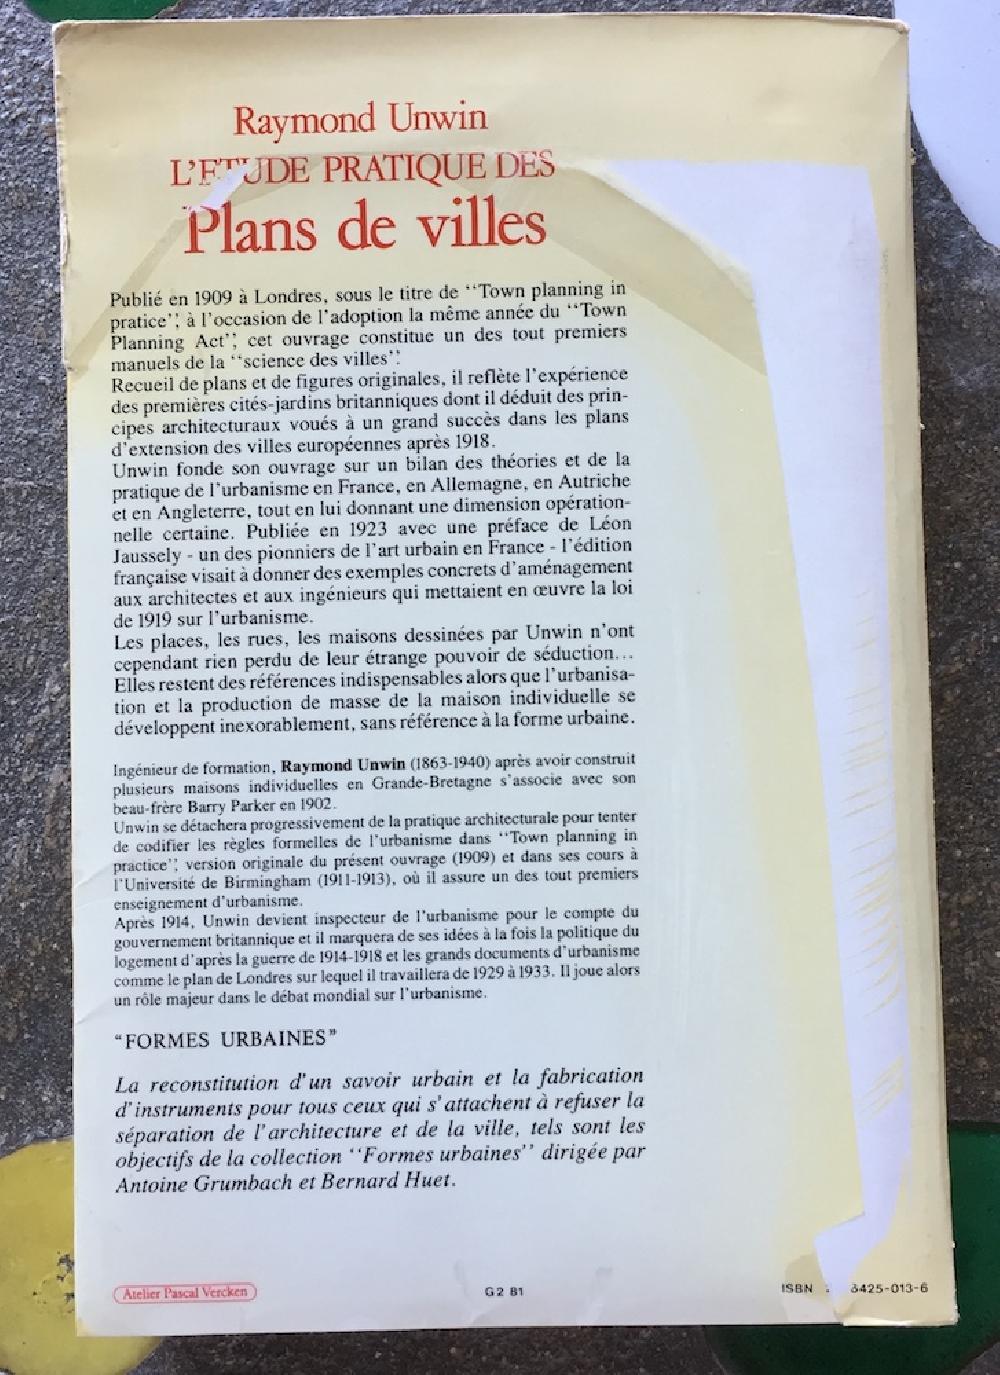 L'étude pratique des plans de villes